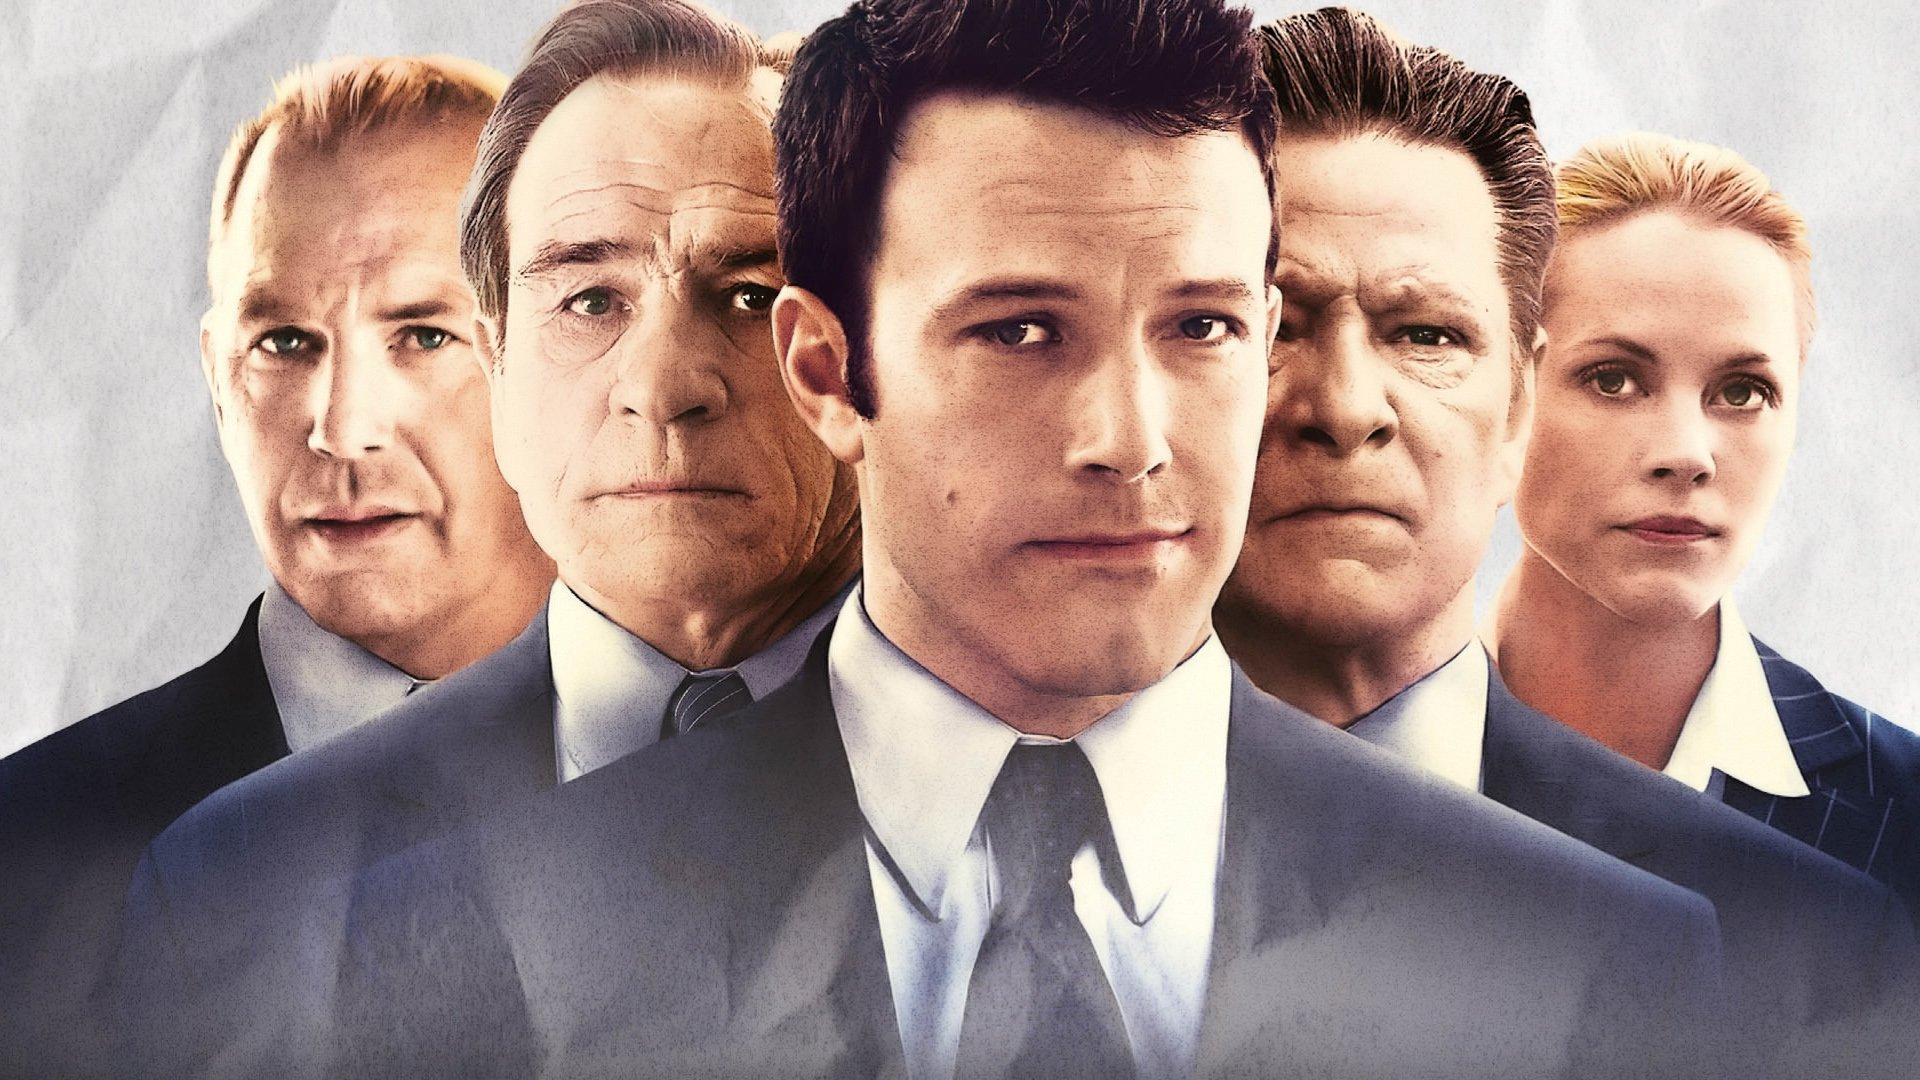 5 Film Tentang Karir yang Wajib Ditonton 6